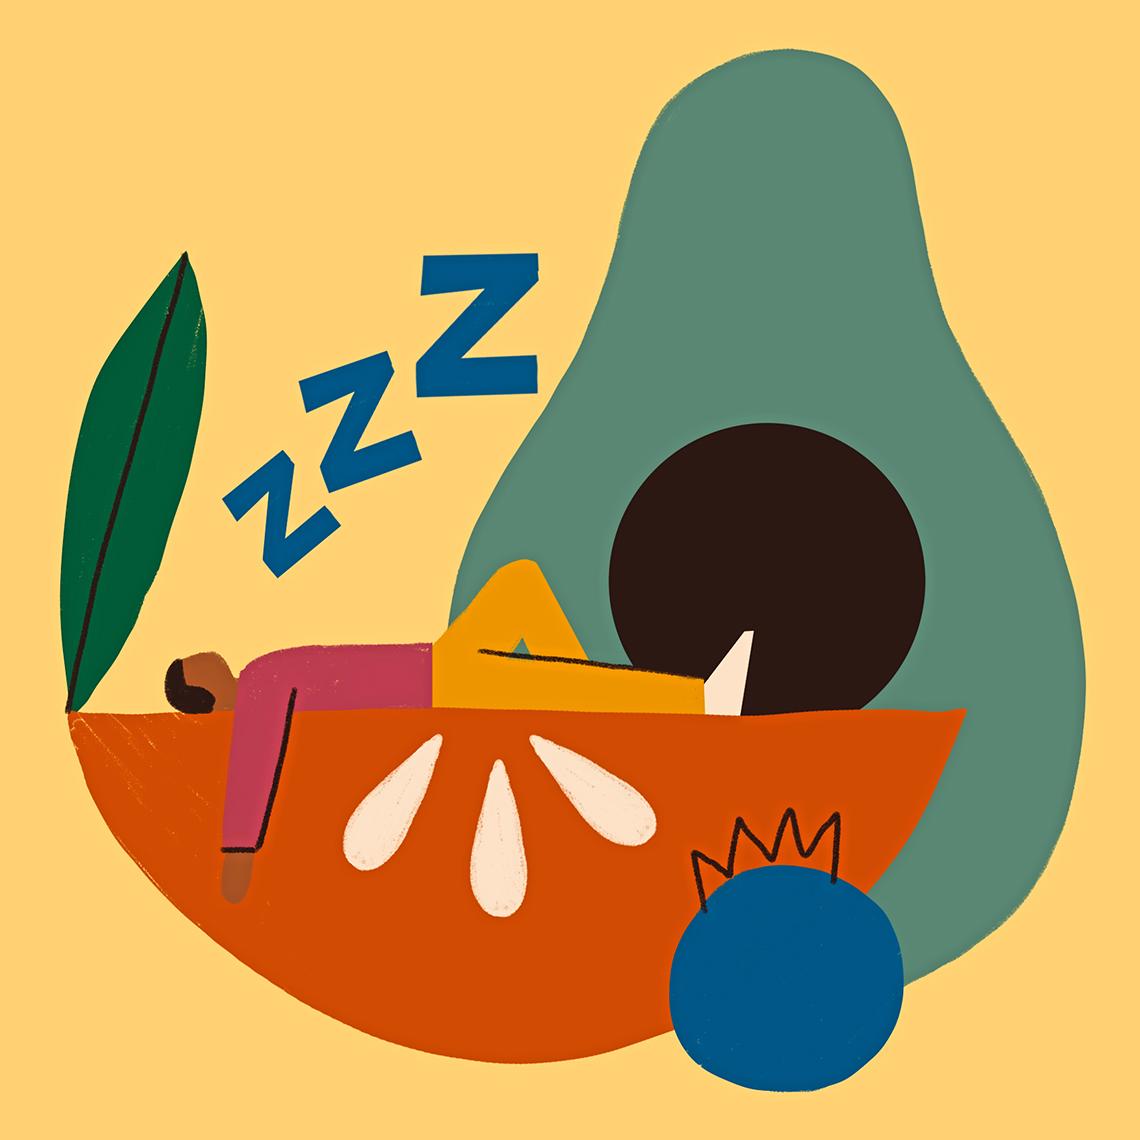 Ilustración de una persona de dibujos animados durmiendo en una rodaja de manzana junto a un aguacate y un arándano